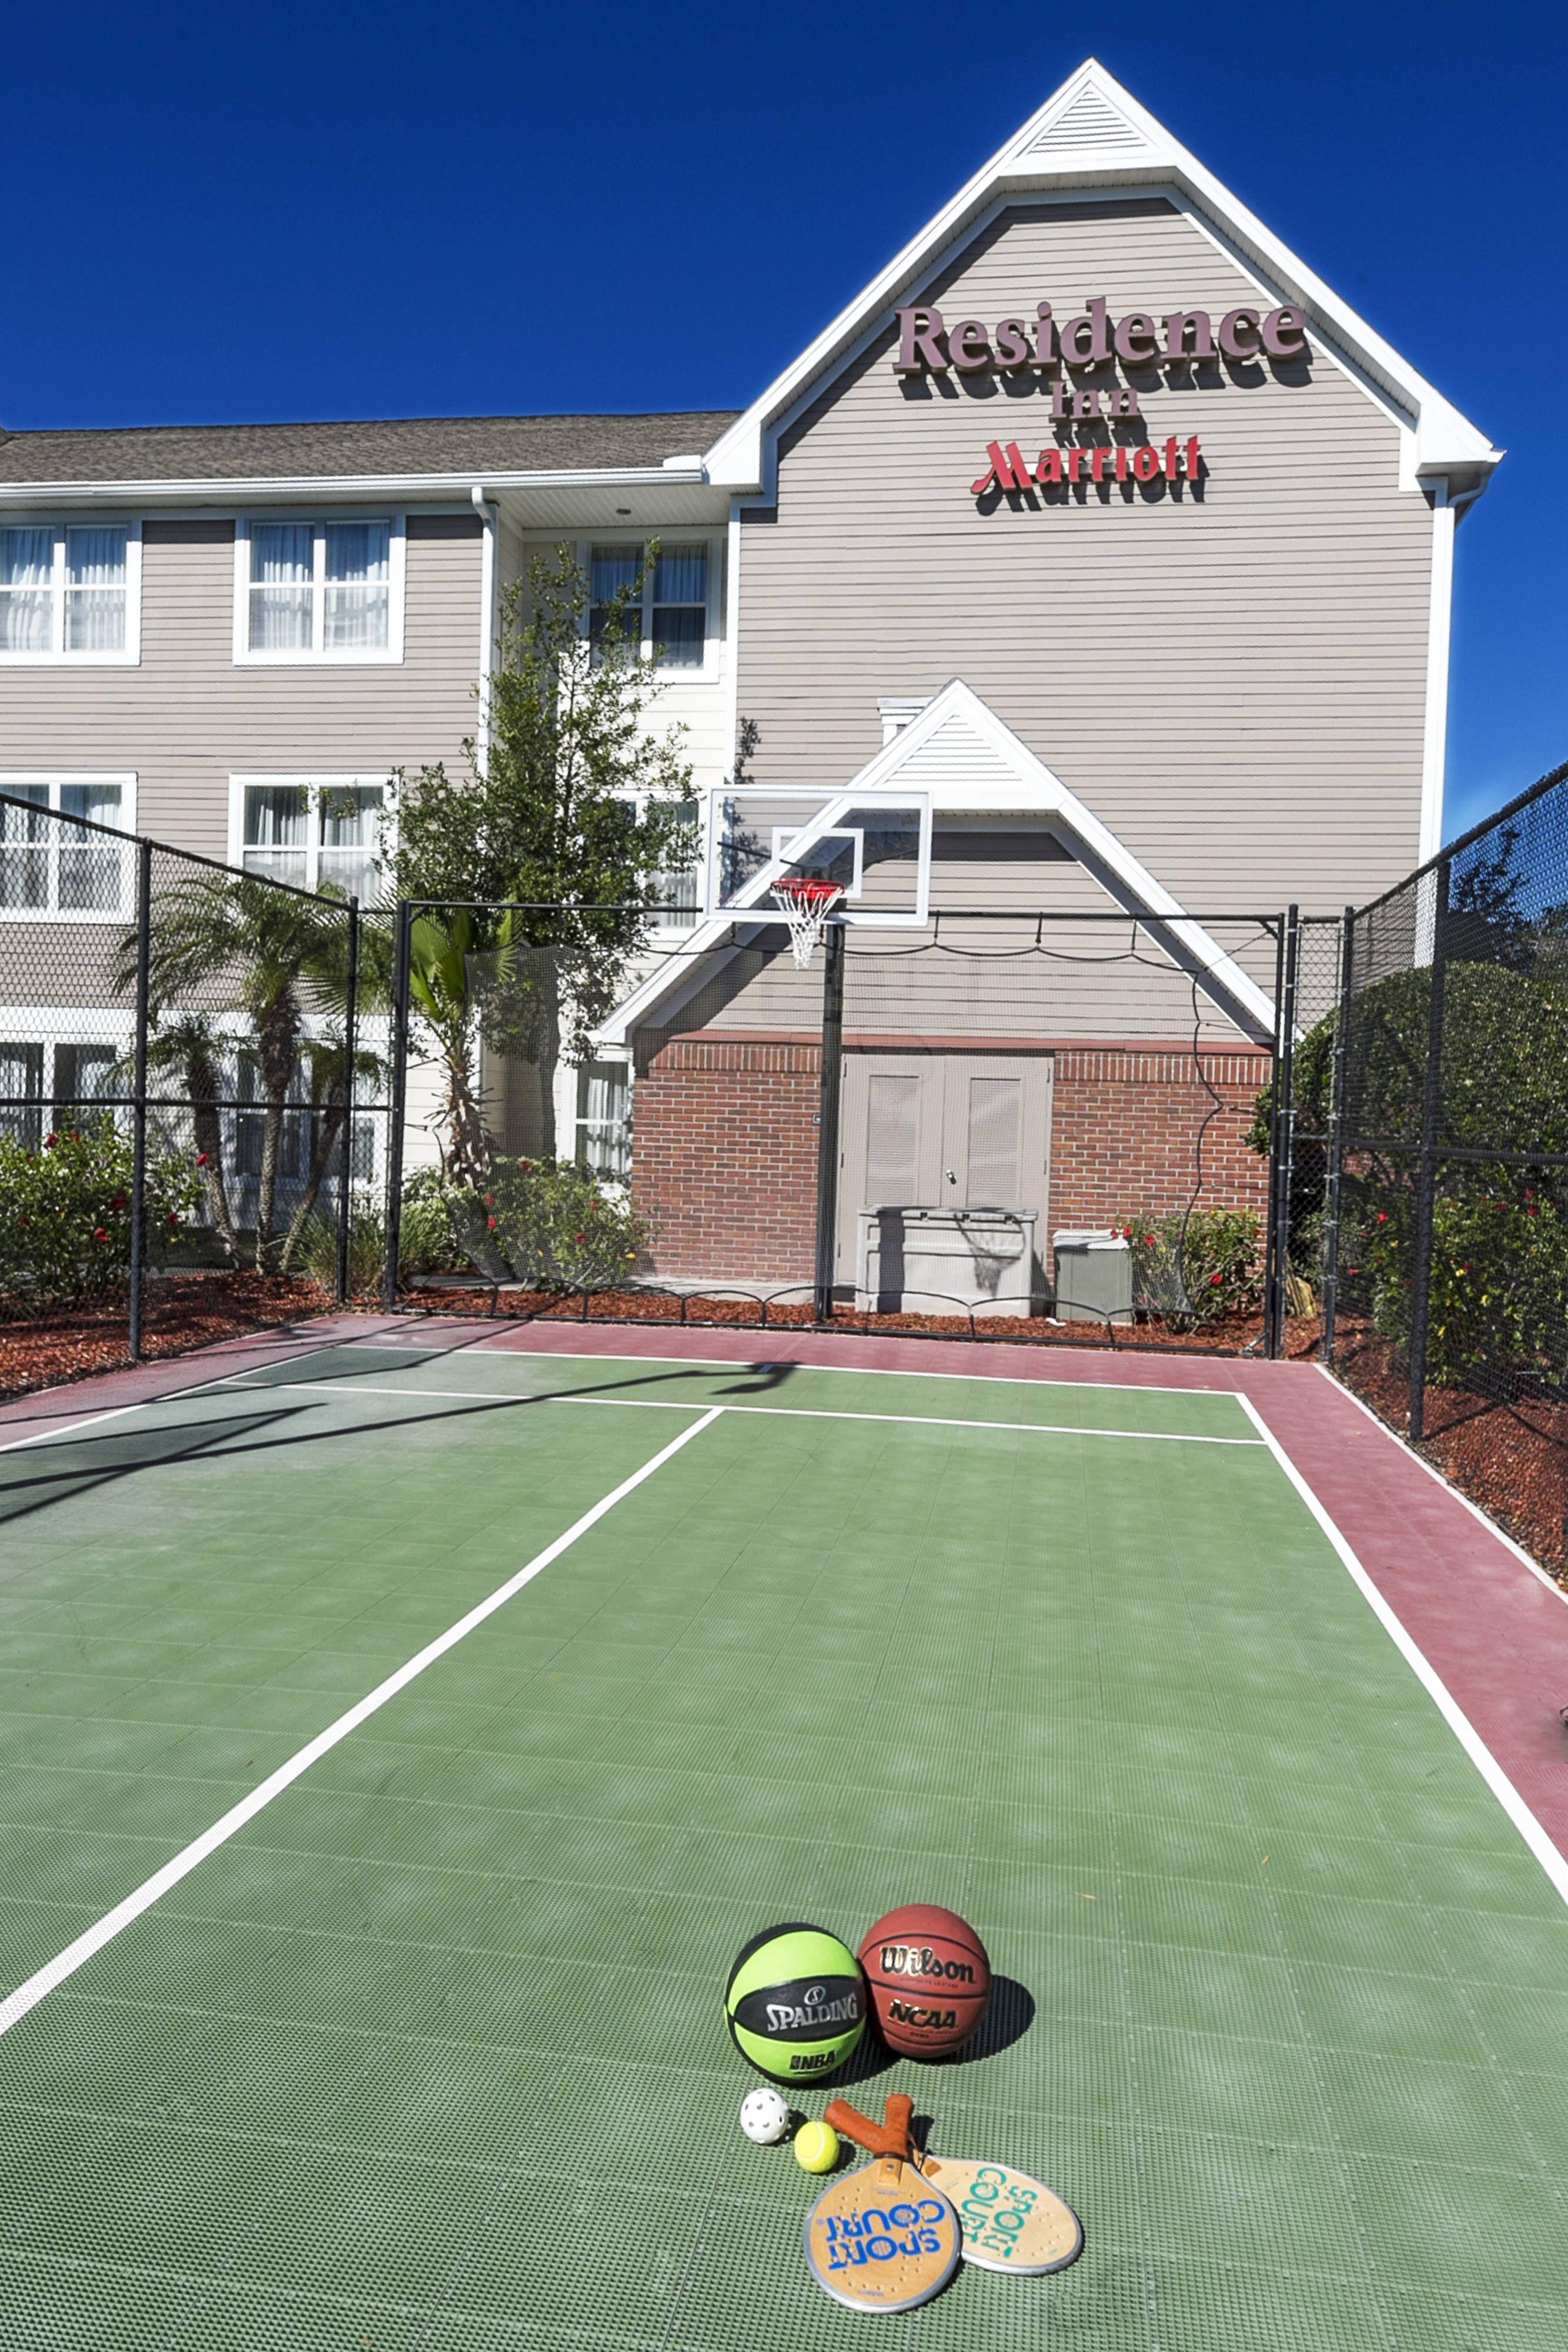 Residence inn lakeland sport court guestbathroom